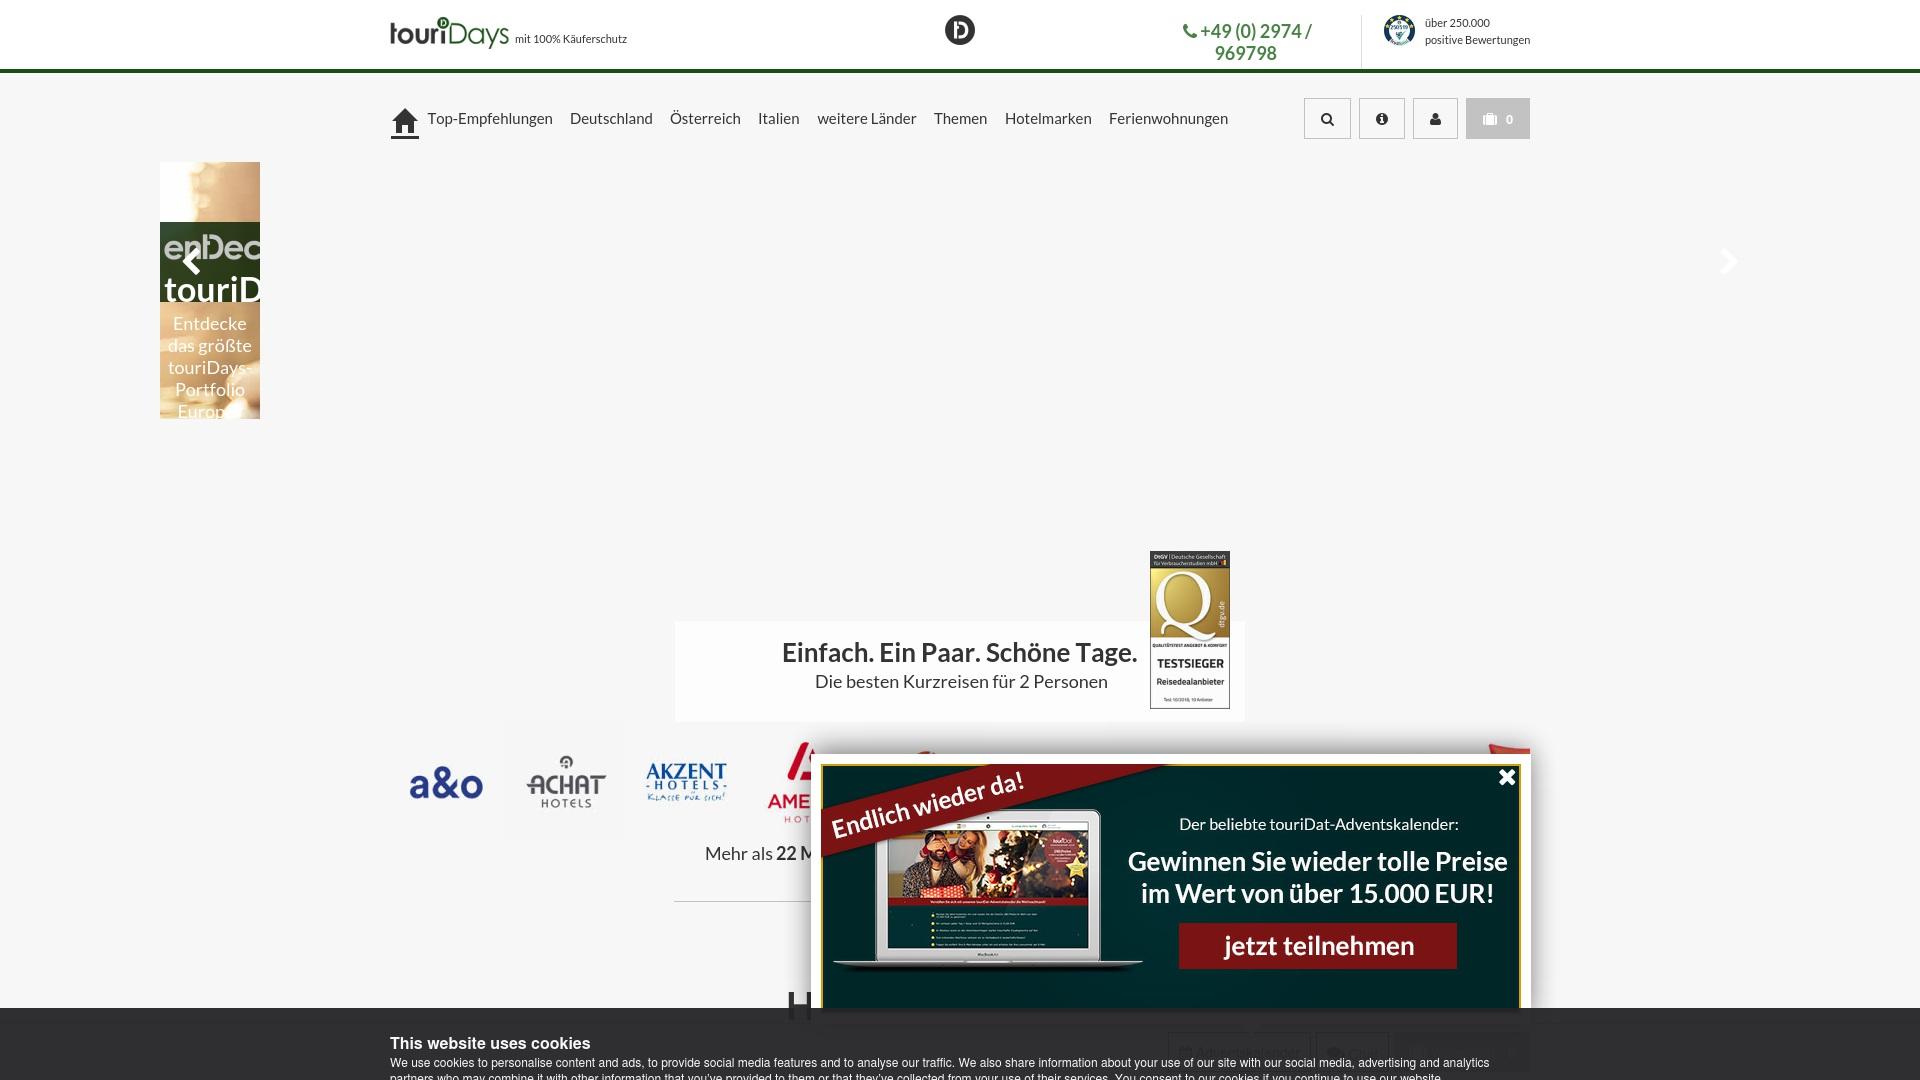 Gutschein für Touridat: Rabatte für  Touridat sichern